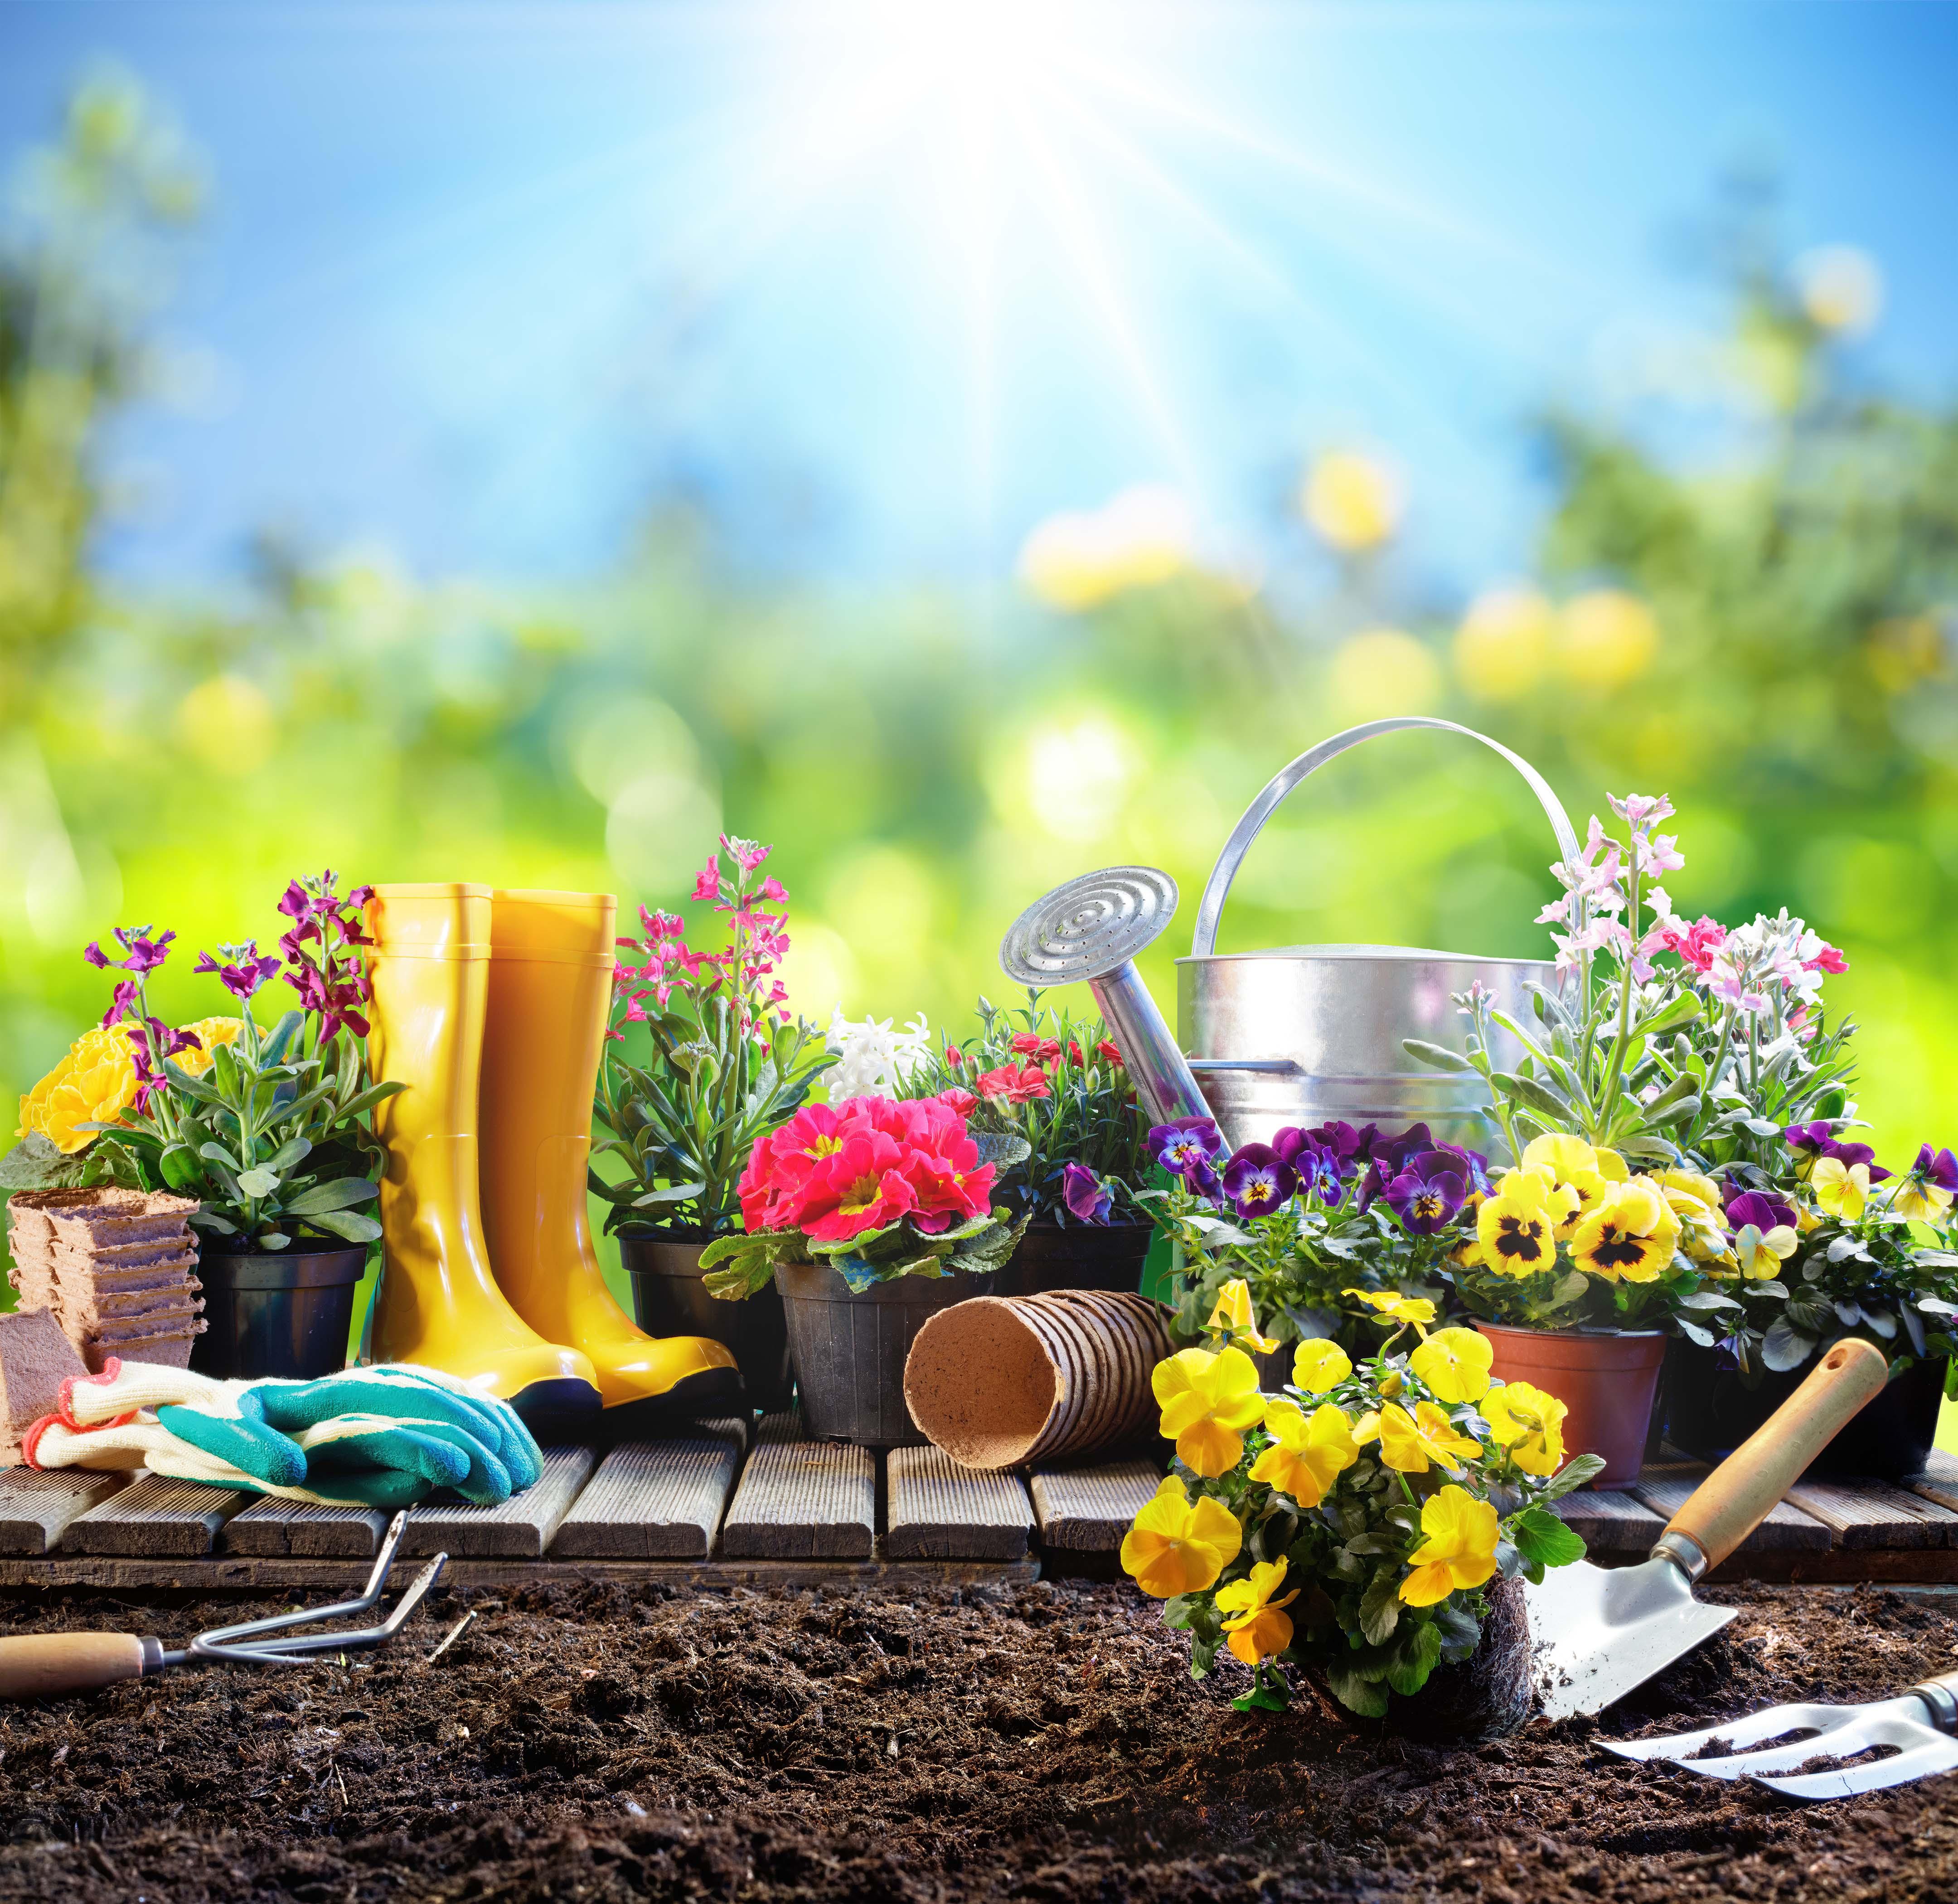 Outils - Conseils - Les essentiels de jardinage